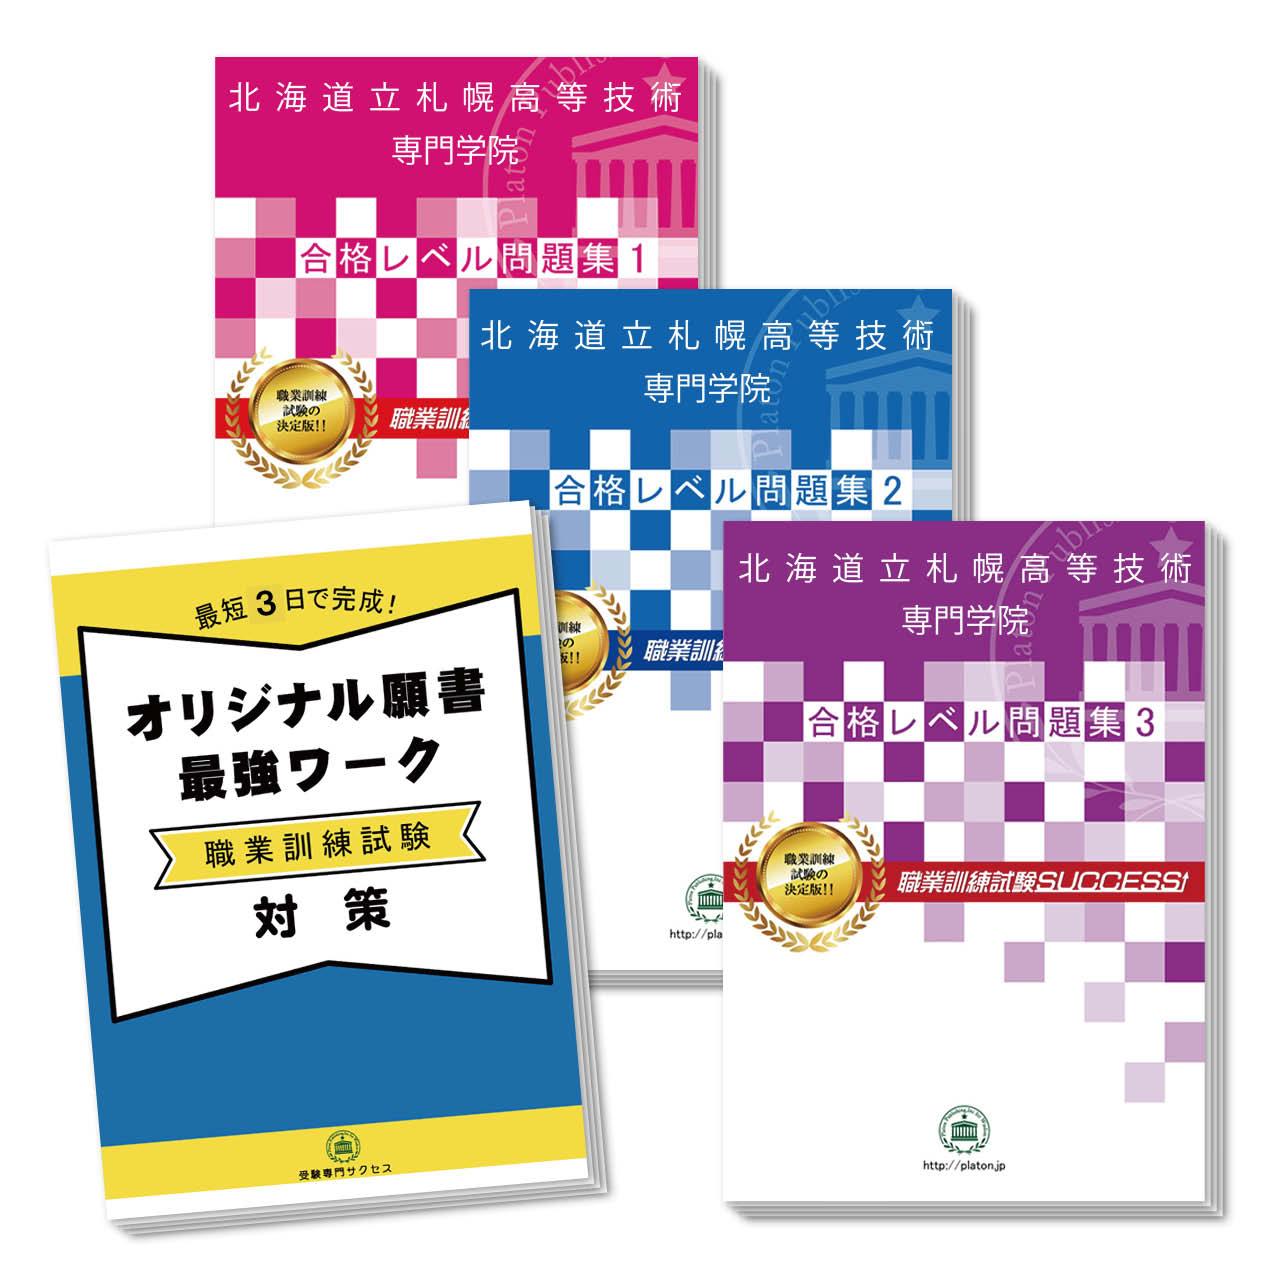 送料 代引手数料無料 サンプル2 ついに入荷 オリジナル願書最強ワーク 3冊 上等 受験合格セット